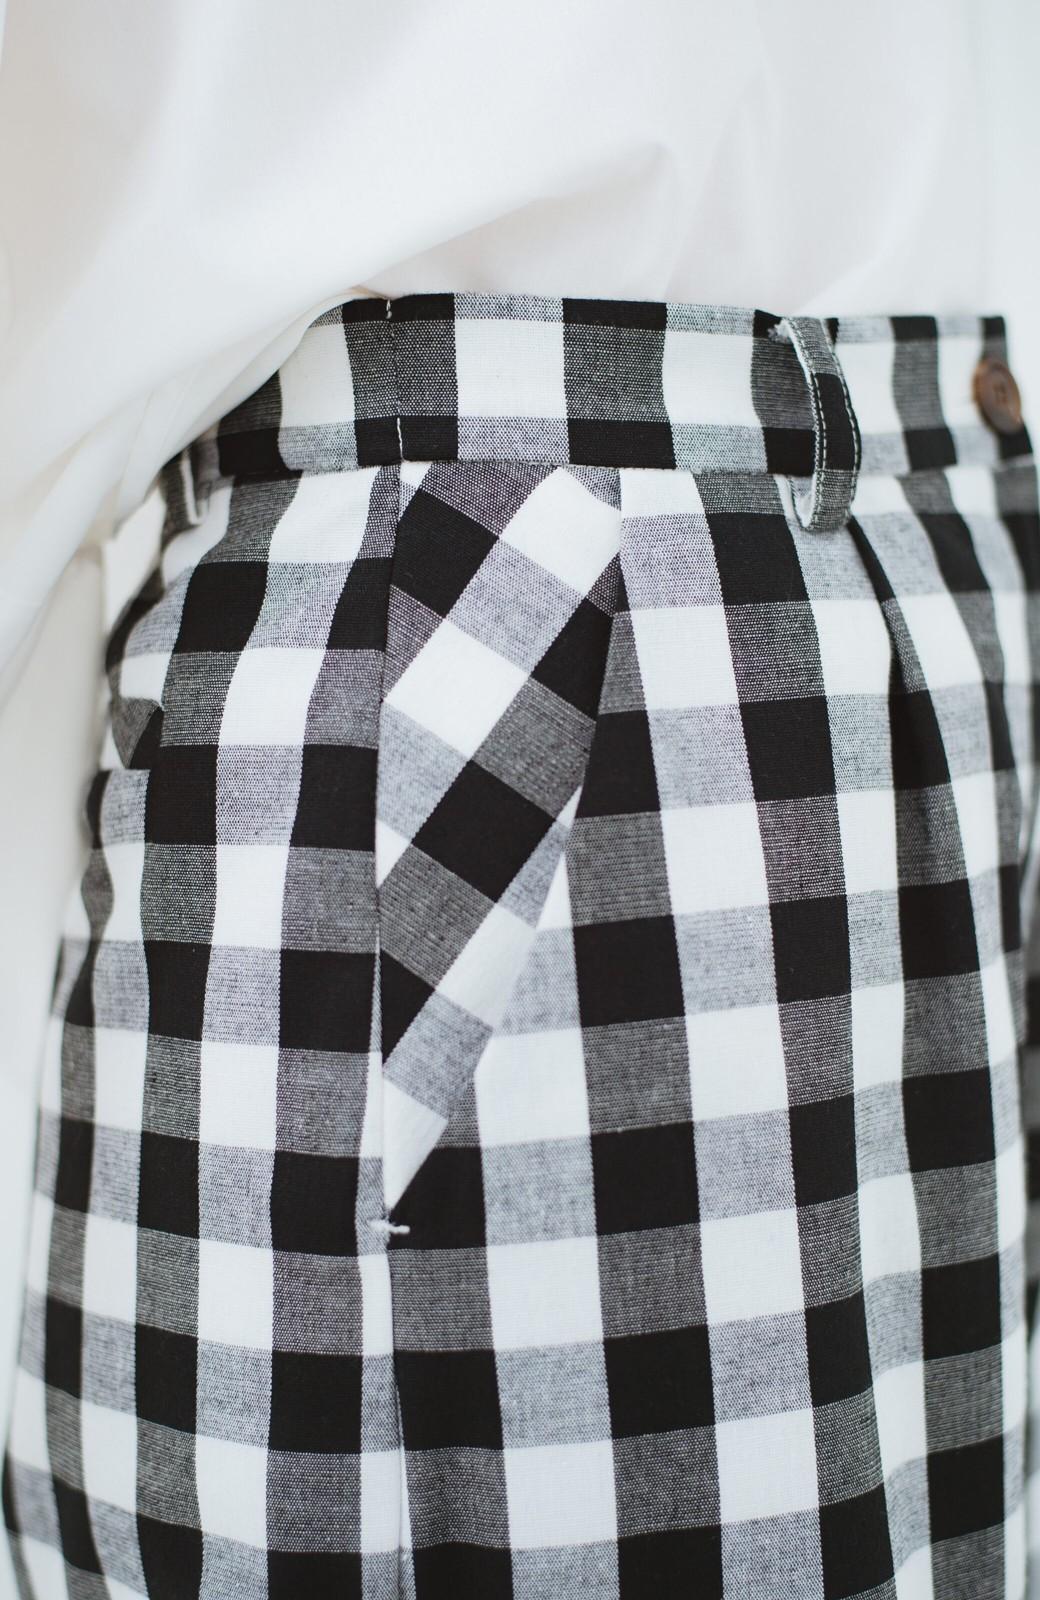 haco! 【スタッフスペシャルセット】らくちん派iyuの大人カラーで夏を涼しく乗り切るセット <その他>の商品写真22